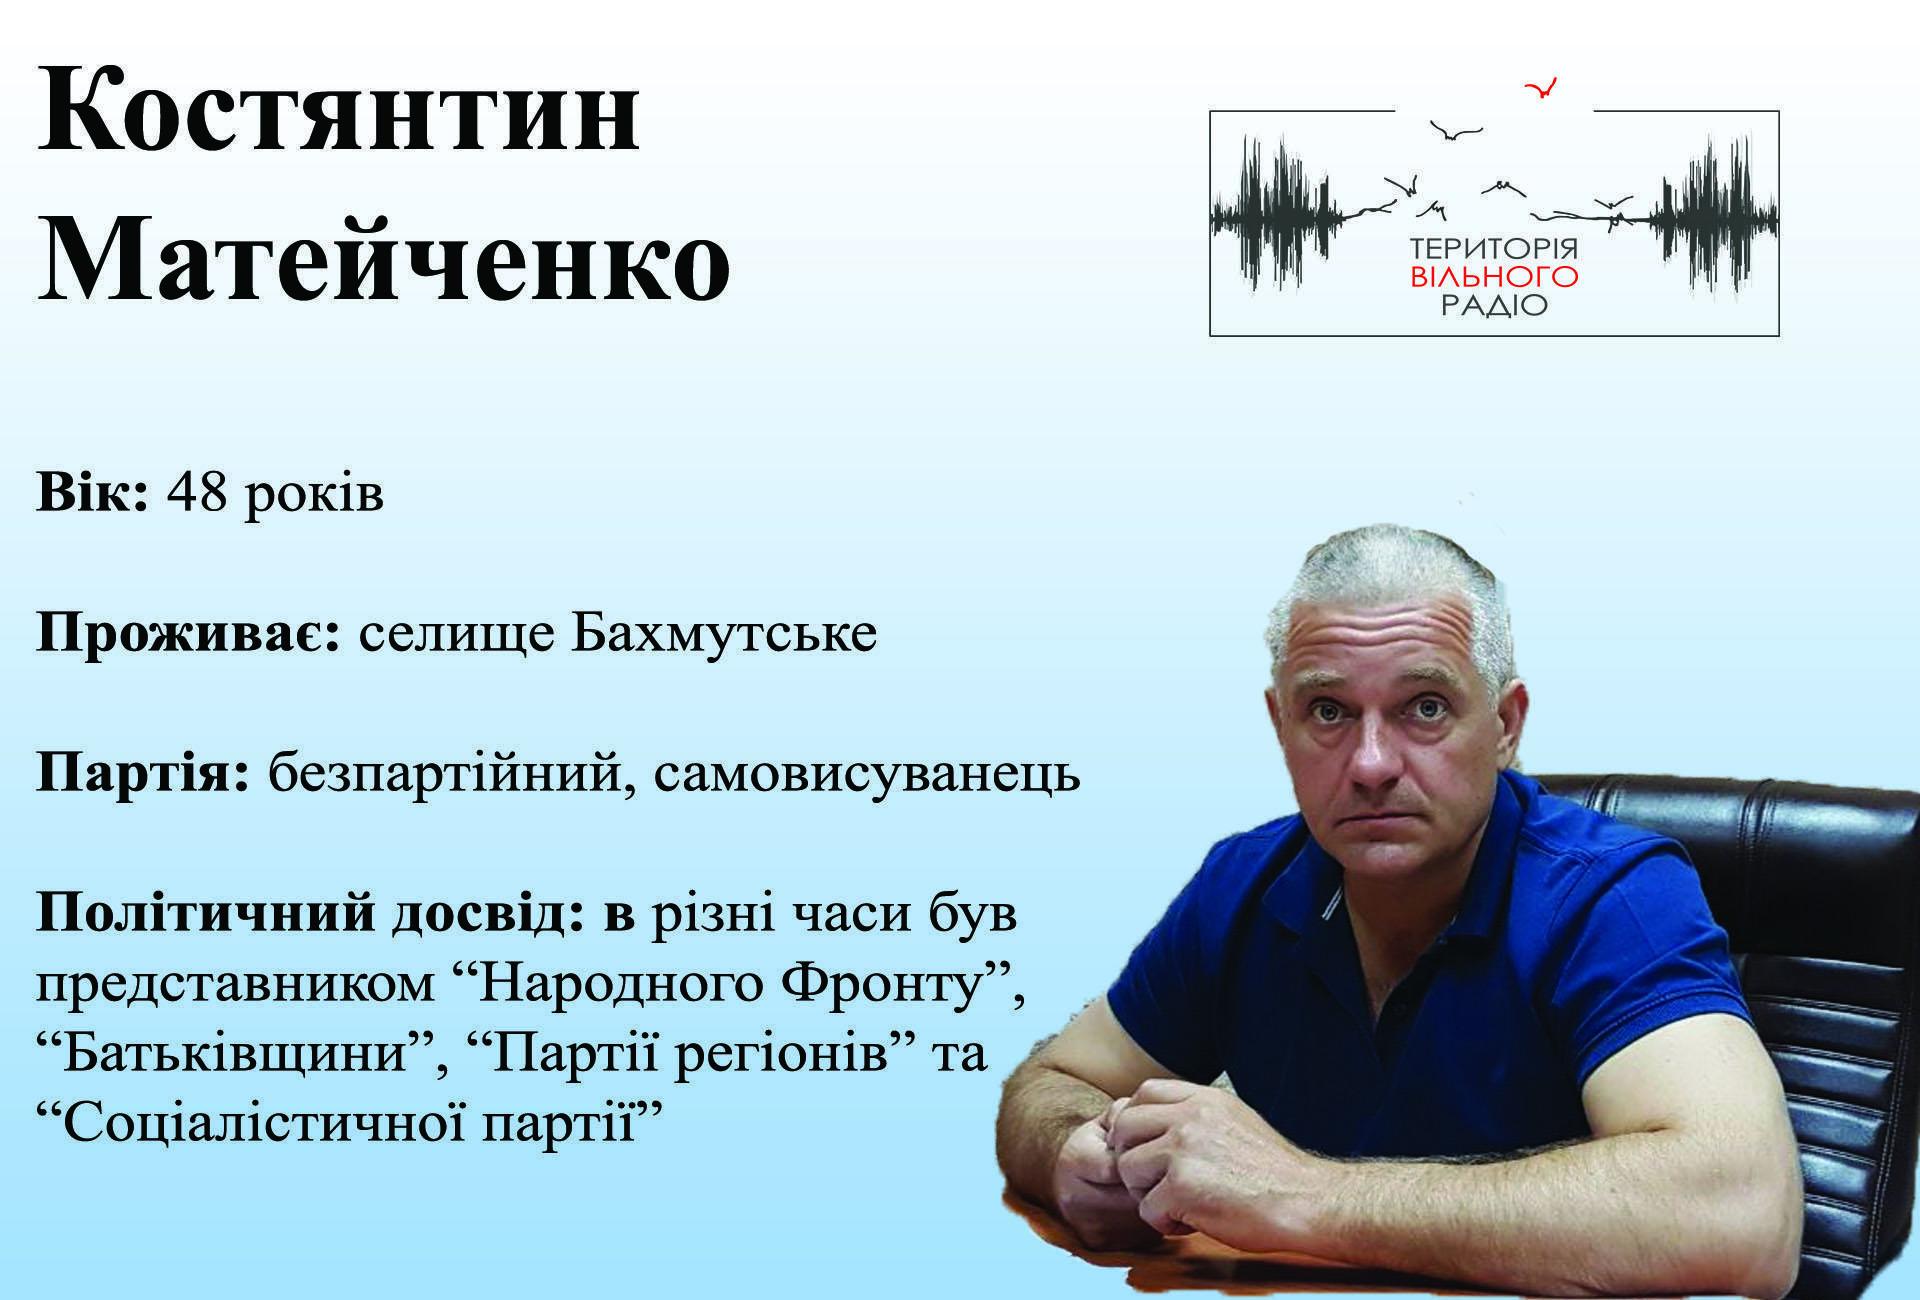 Константин Матейченко 46 избирательный округ